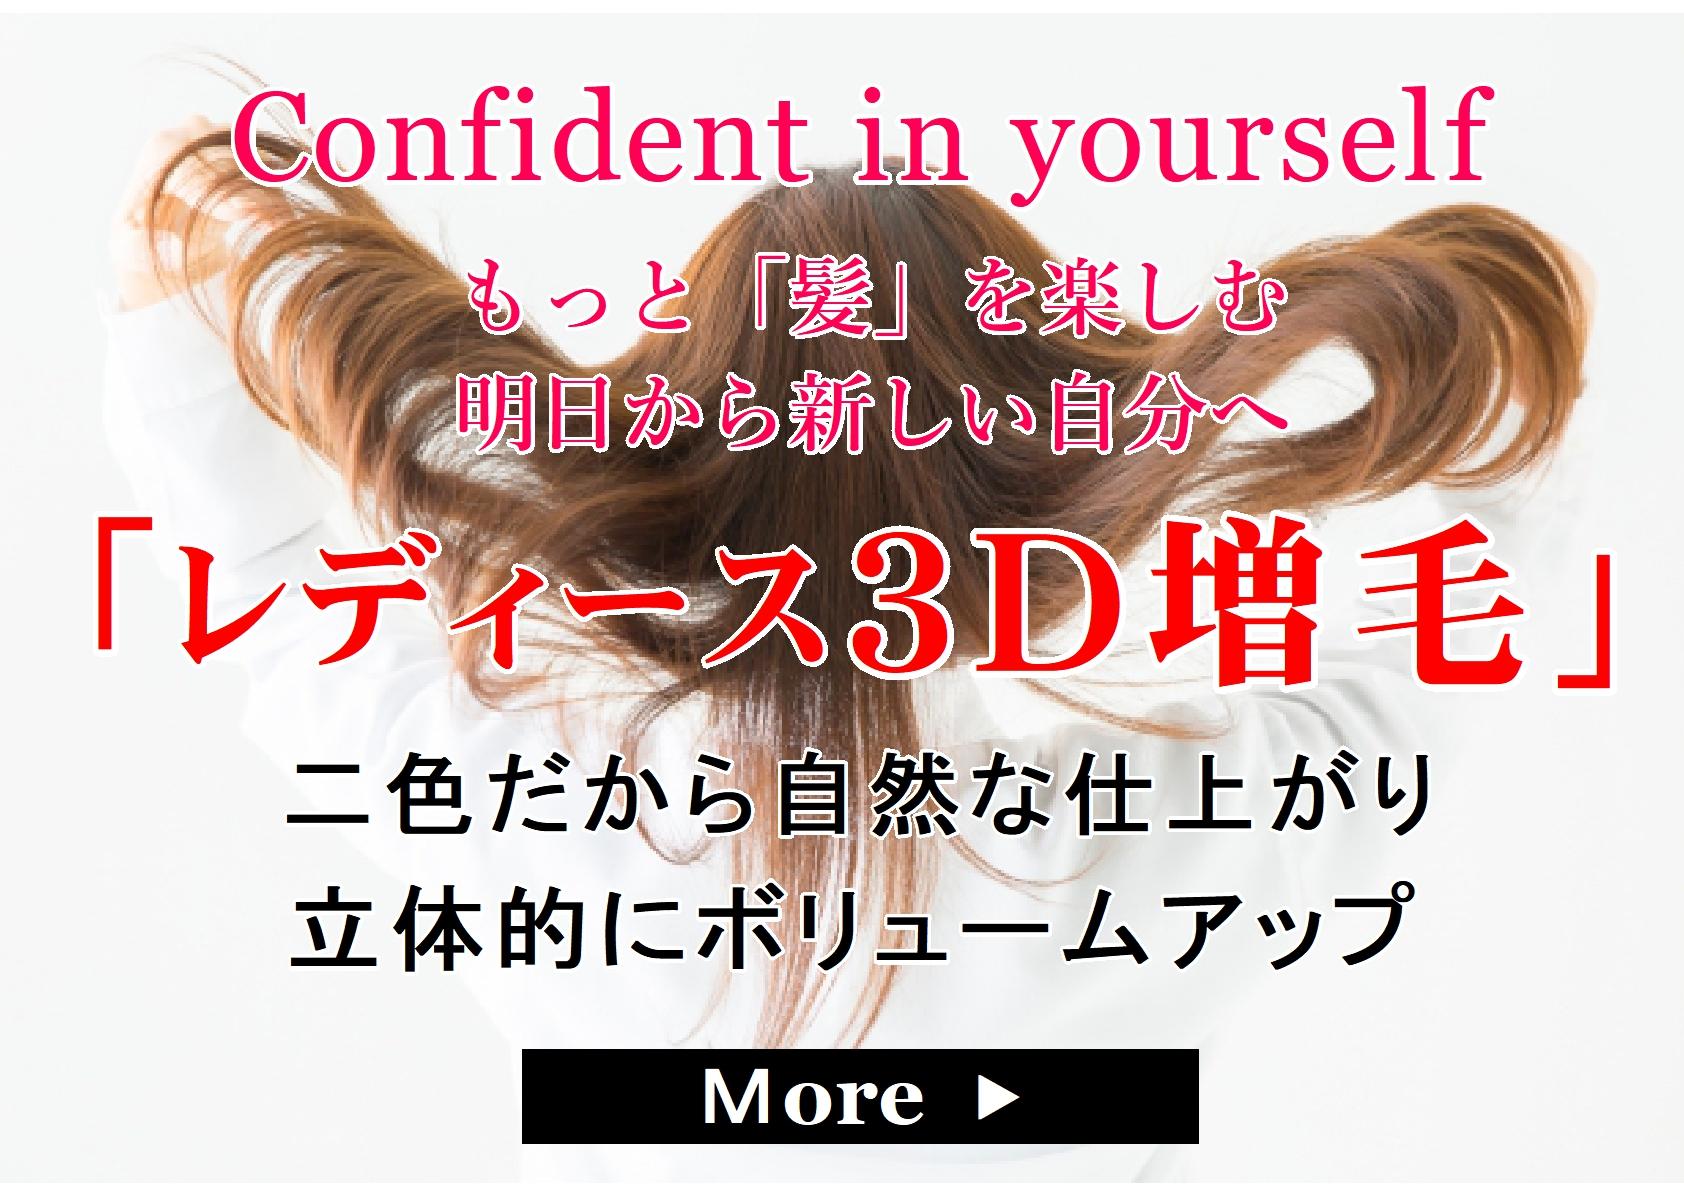 レディース3D増毛サイト